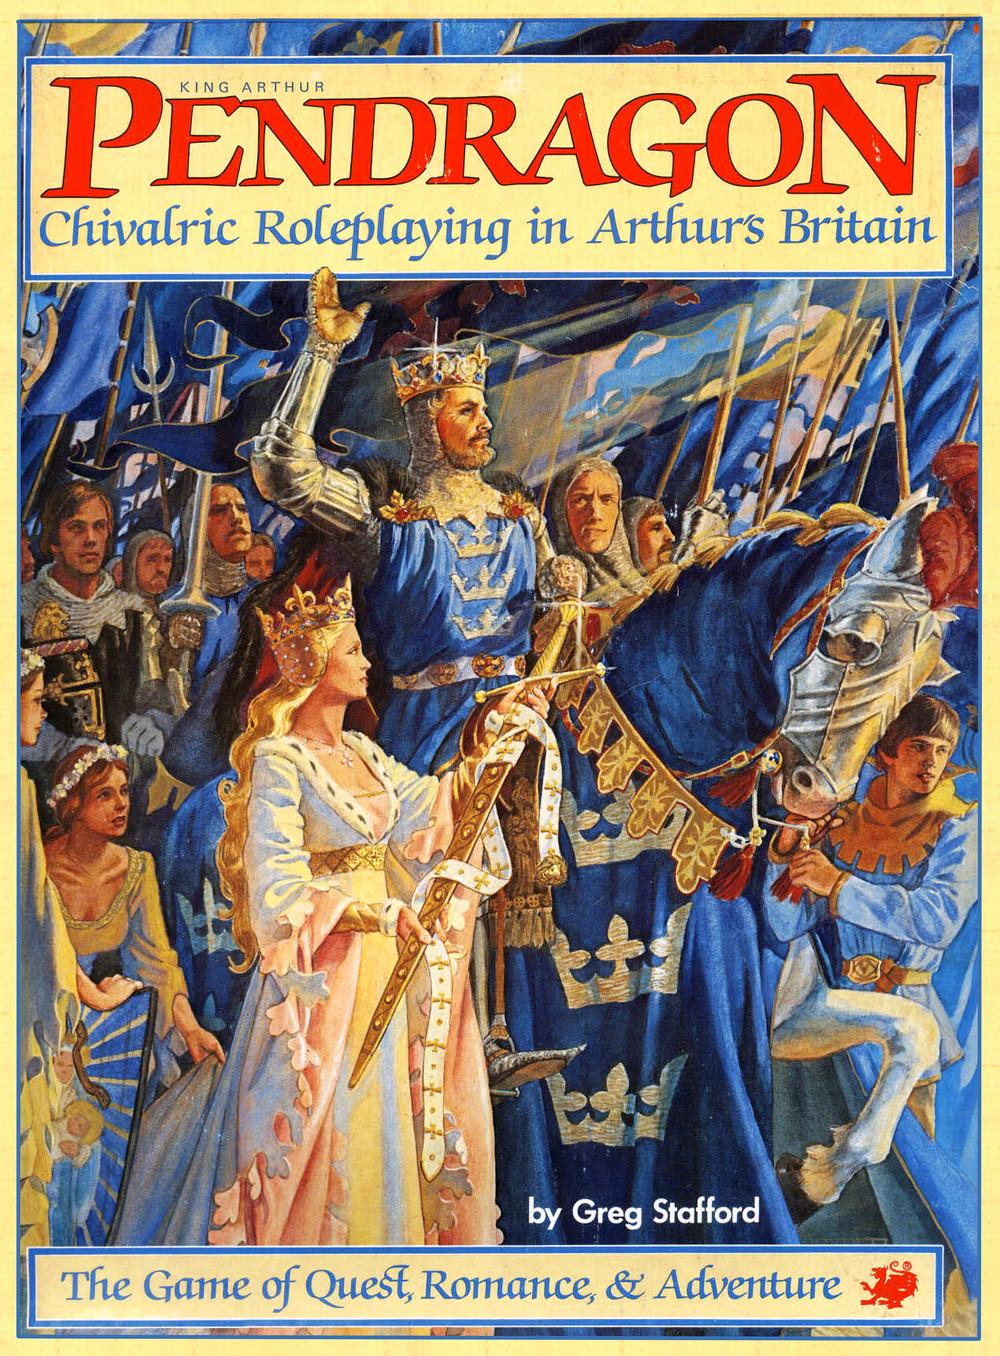 1st Edition, 1985